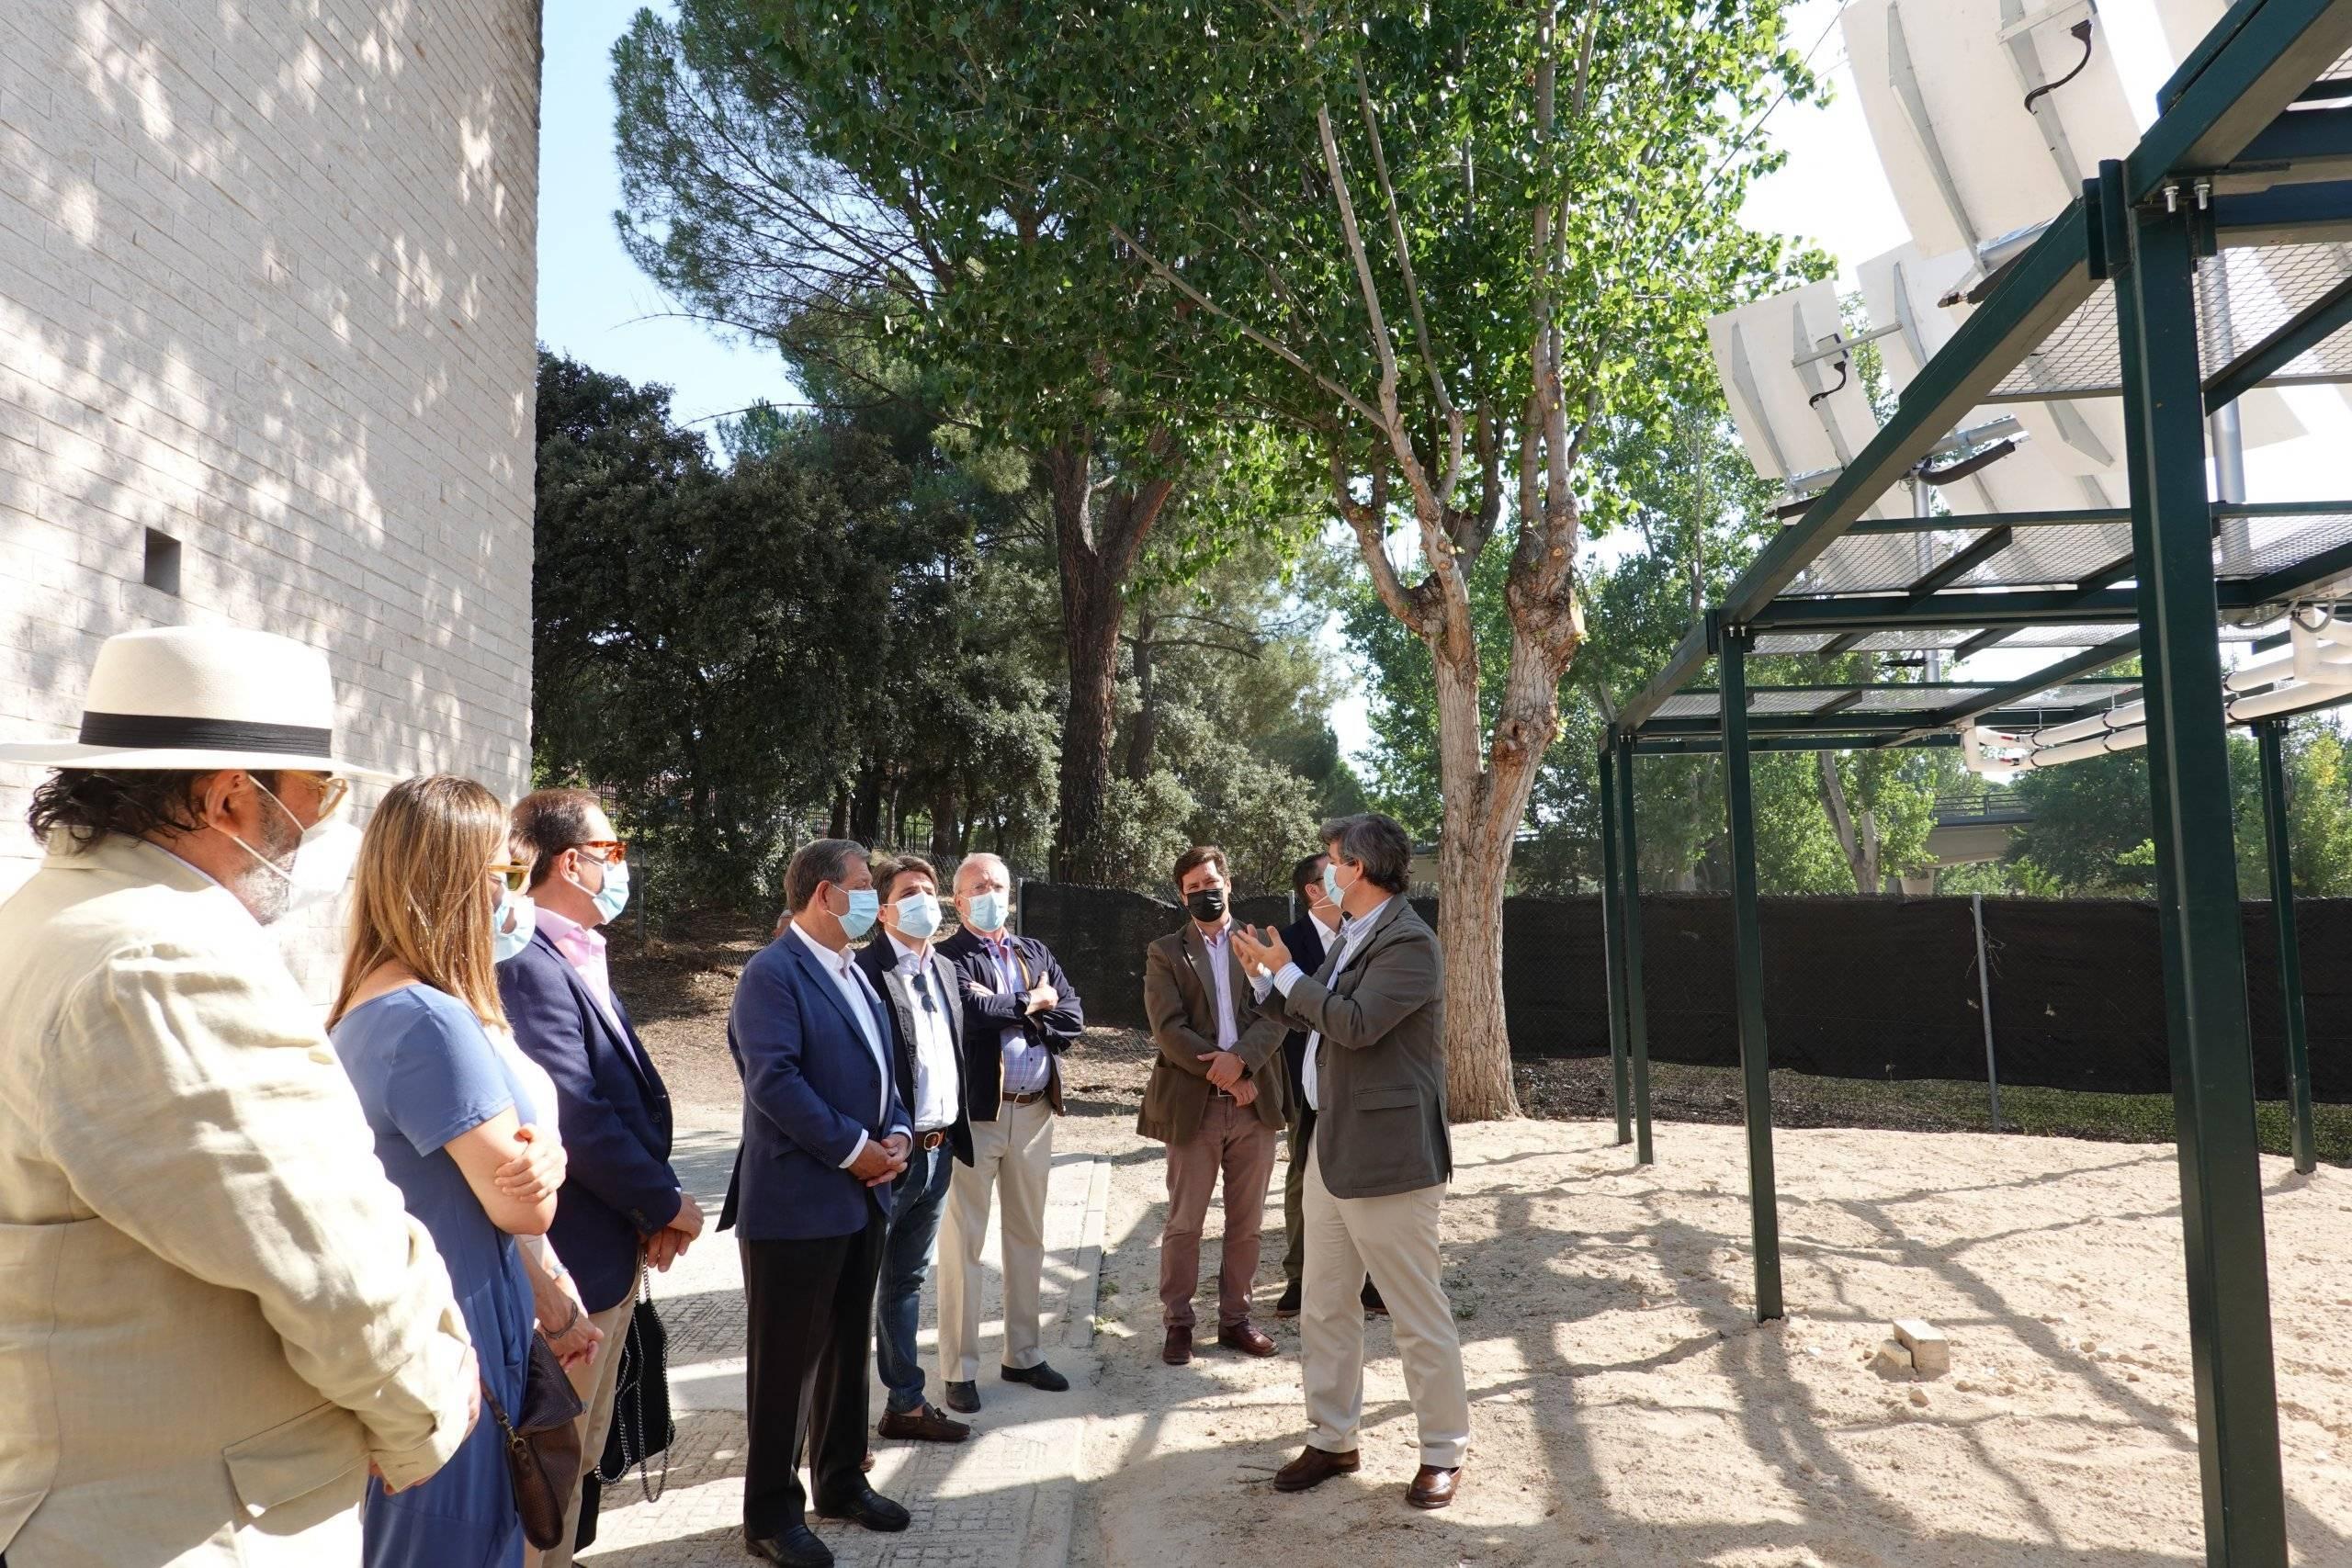 El director general de TCT explicando a las autoridades el funcionamiento de los concentradores solares.